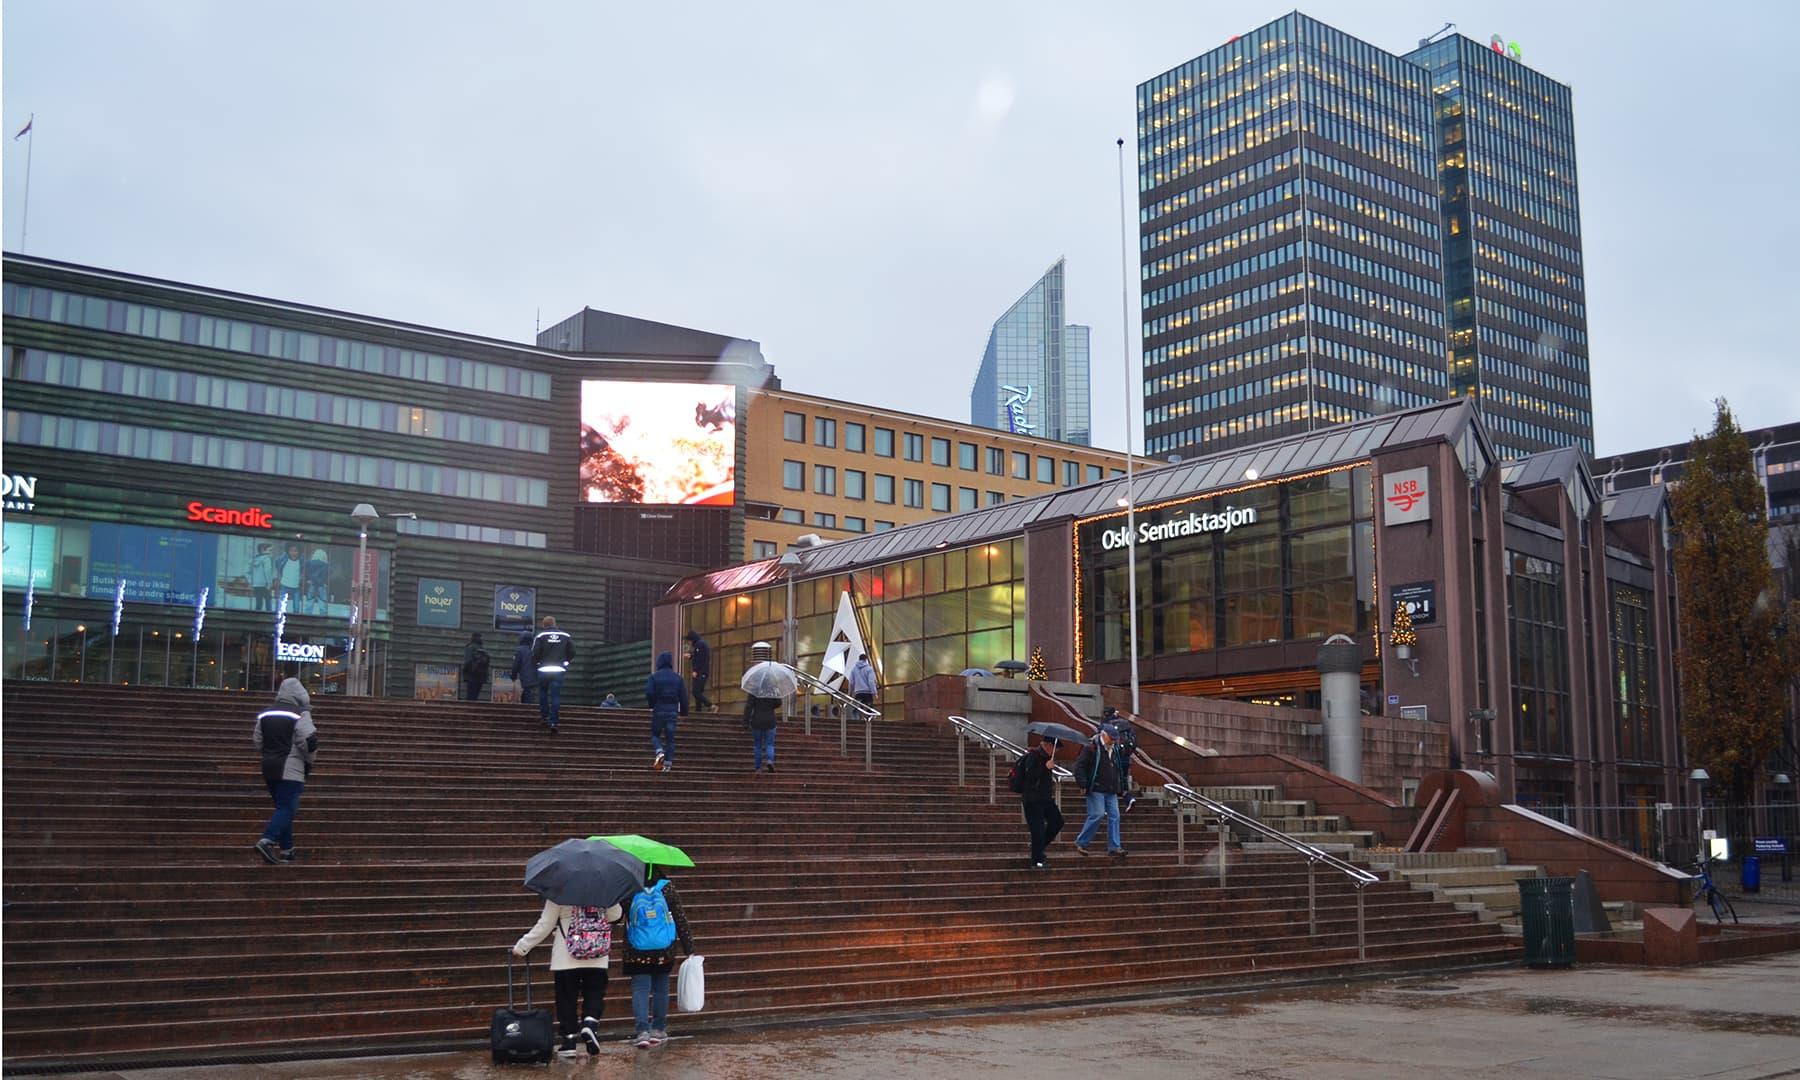 سینٹرل اسٹیشن، اوسلو — تصویر رمضان رفیق